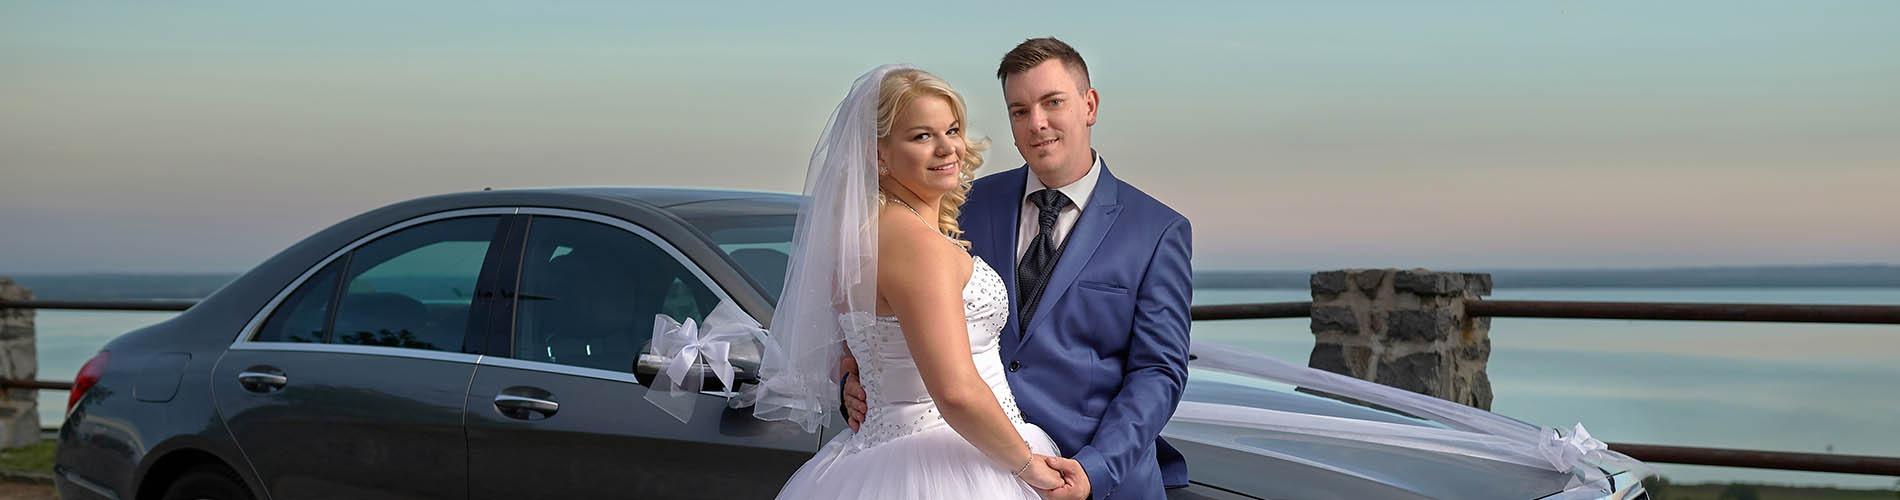 Zalafoto - Esküvői fényképész